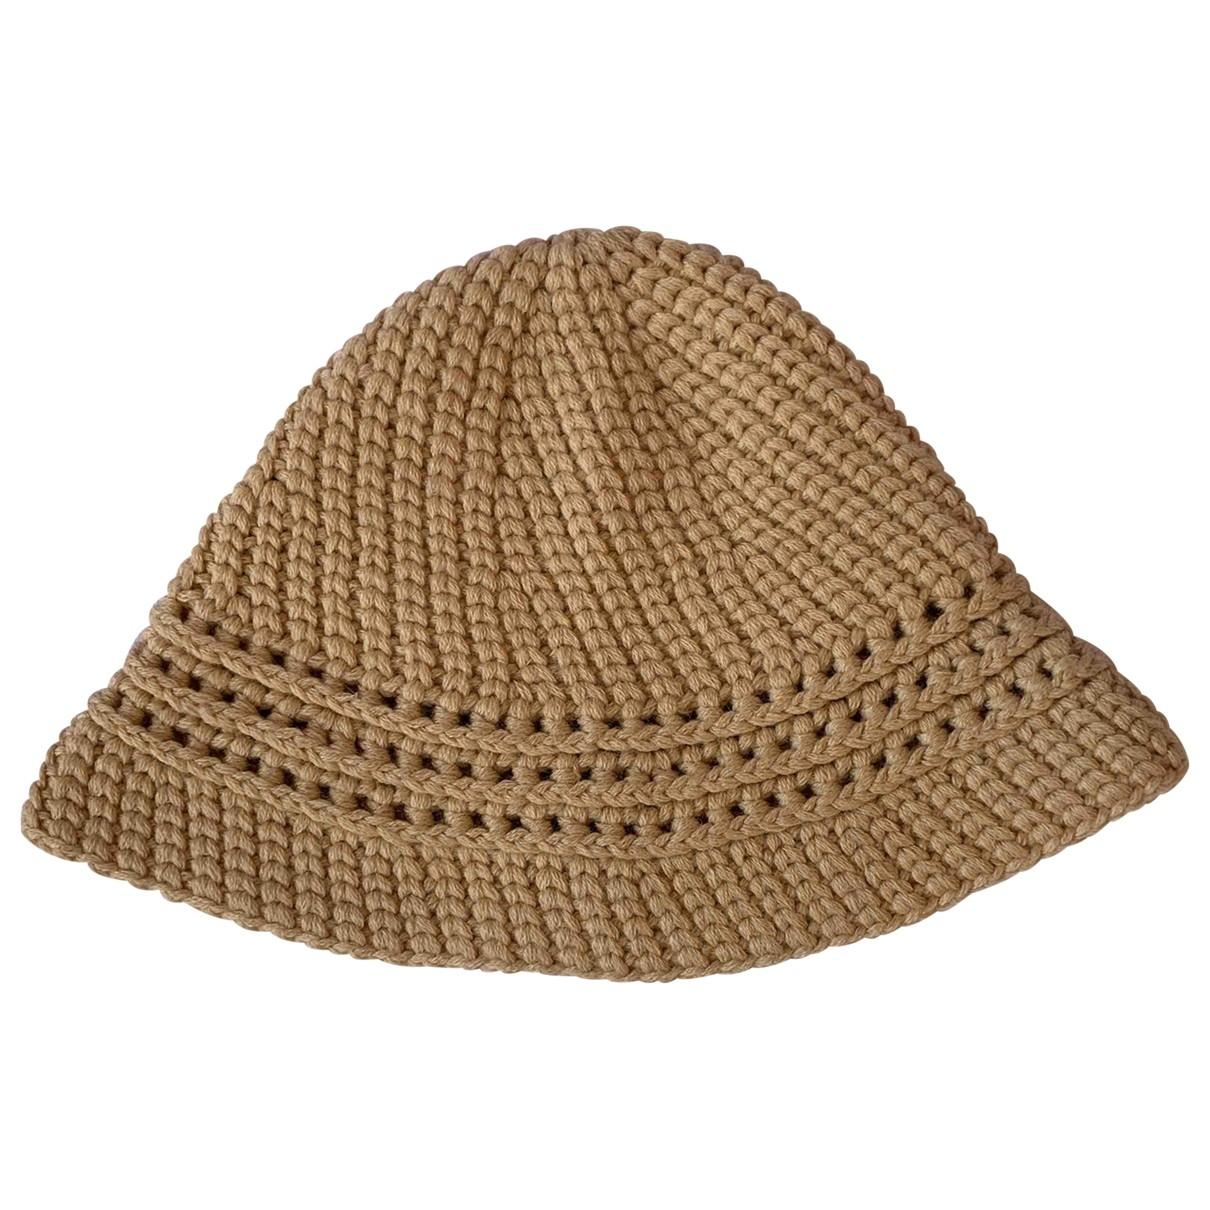 Marc Jacobs \N Beige Wool hat for Women S International